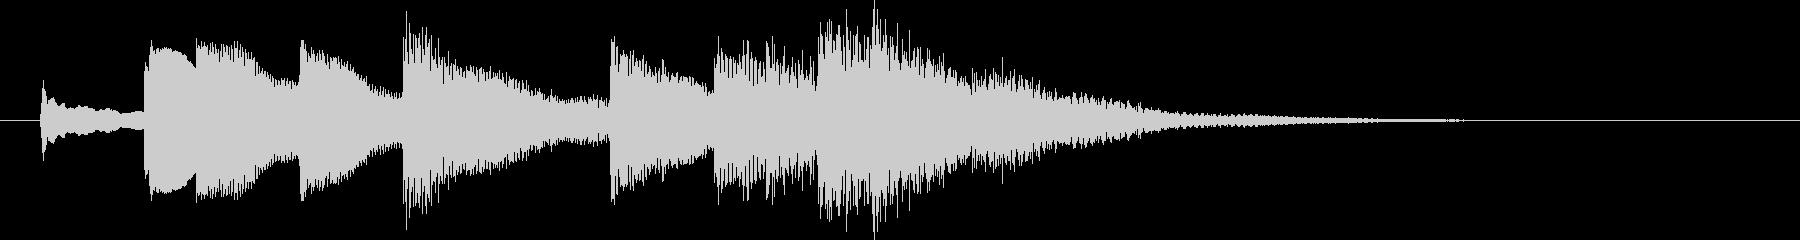 ベルの音で始まる優しいジングルの未再生の波形